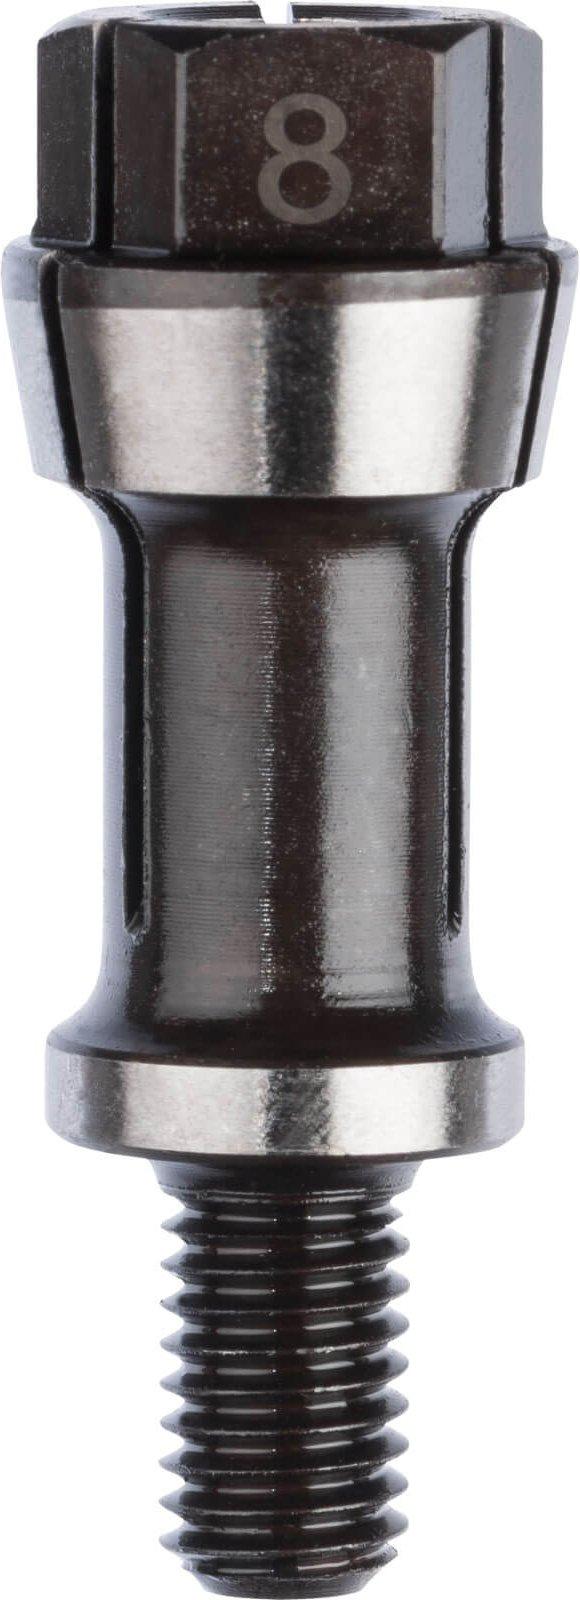 Bosch GGS 16 Collet 8mm